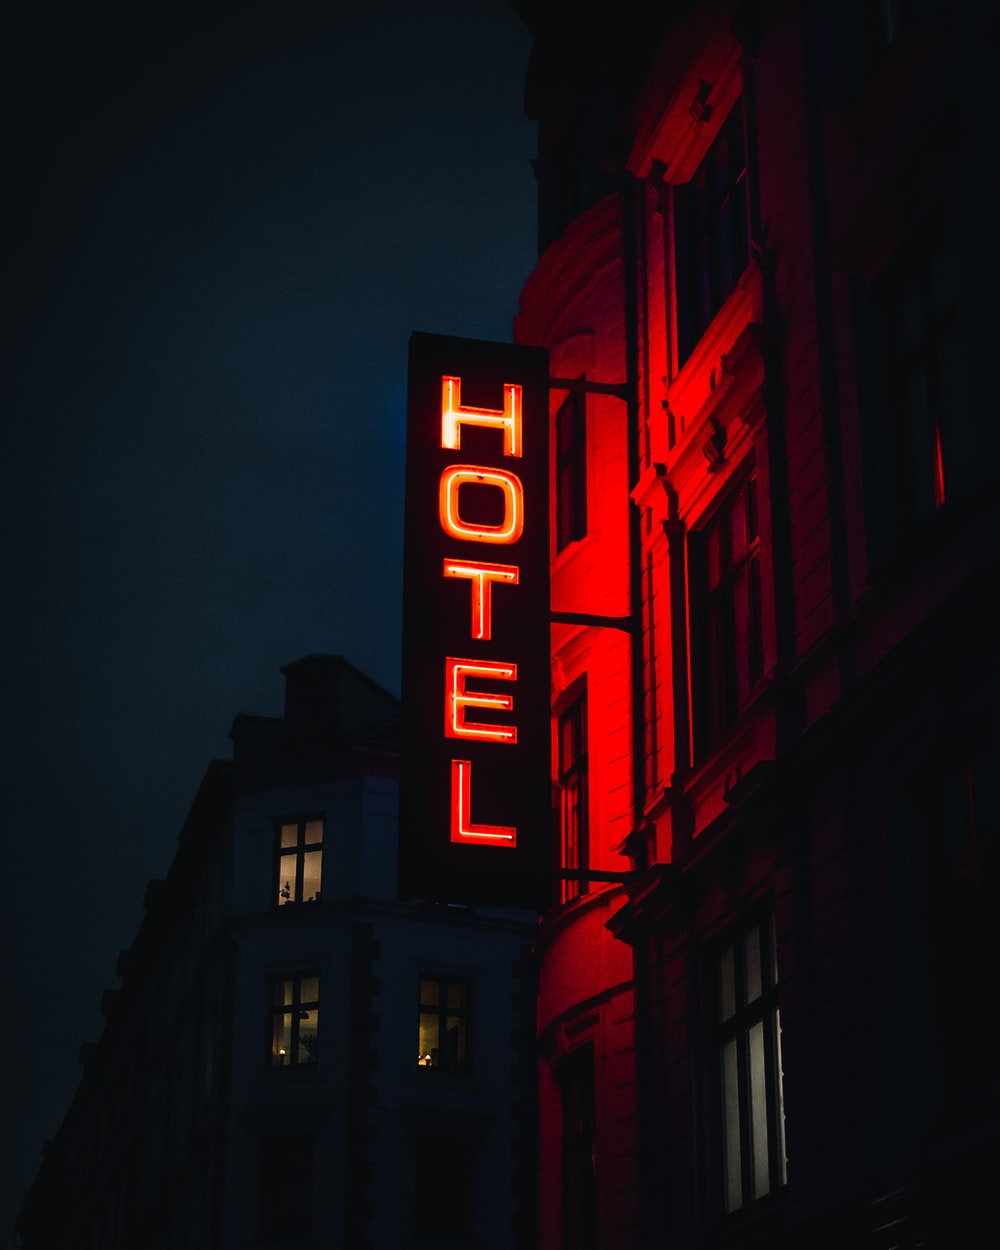 turned-on Hotel LED signage